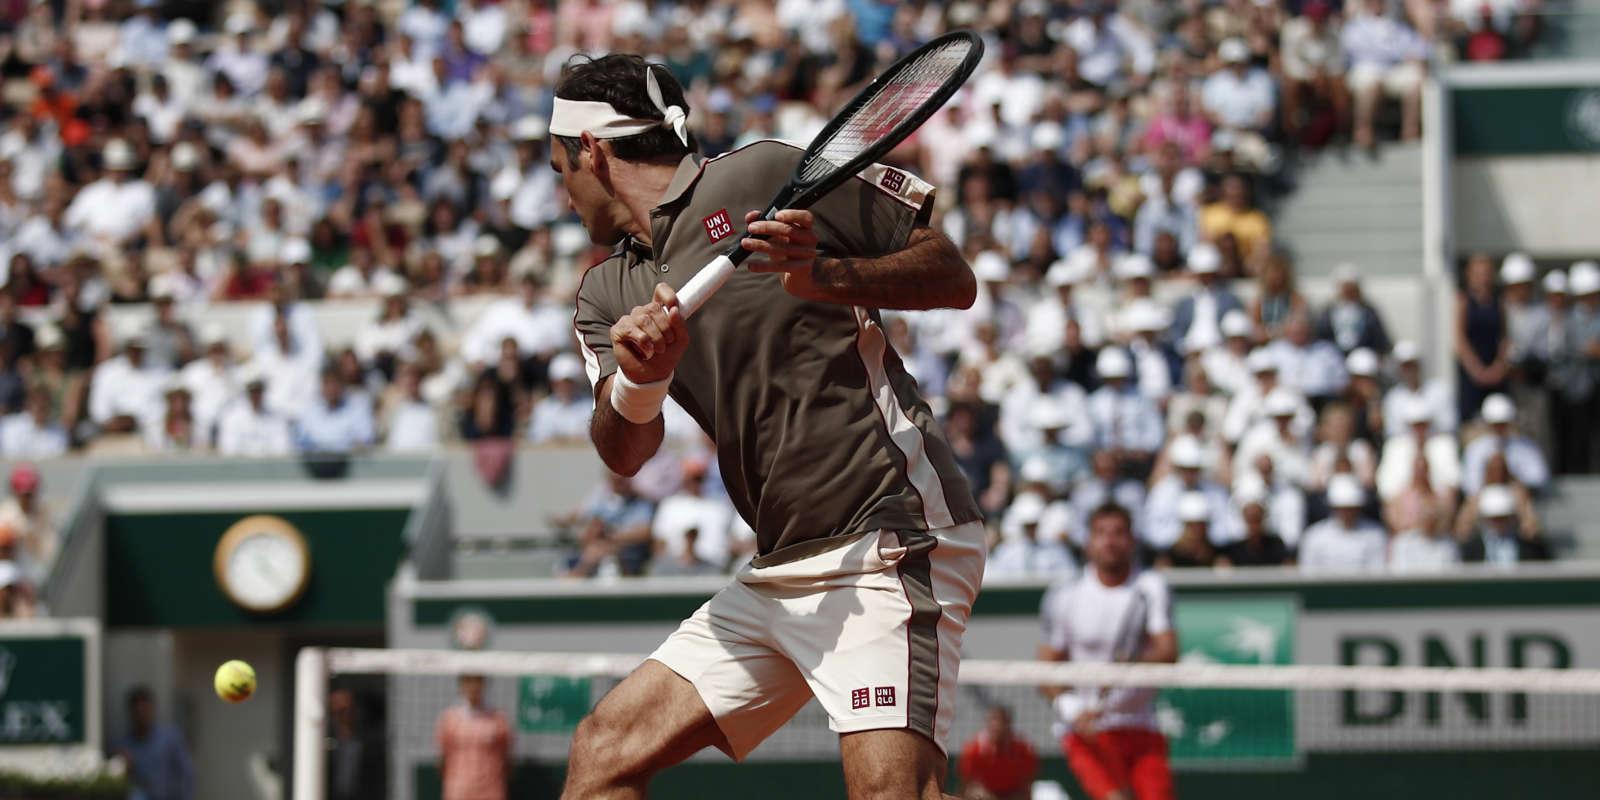 Interrompue par le pluie, la partie entre Roger Federer et Stanislas Wawrinka a repris.